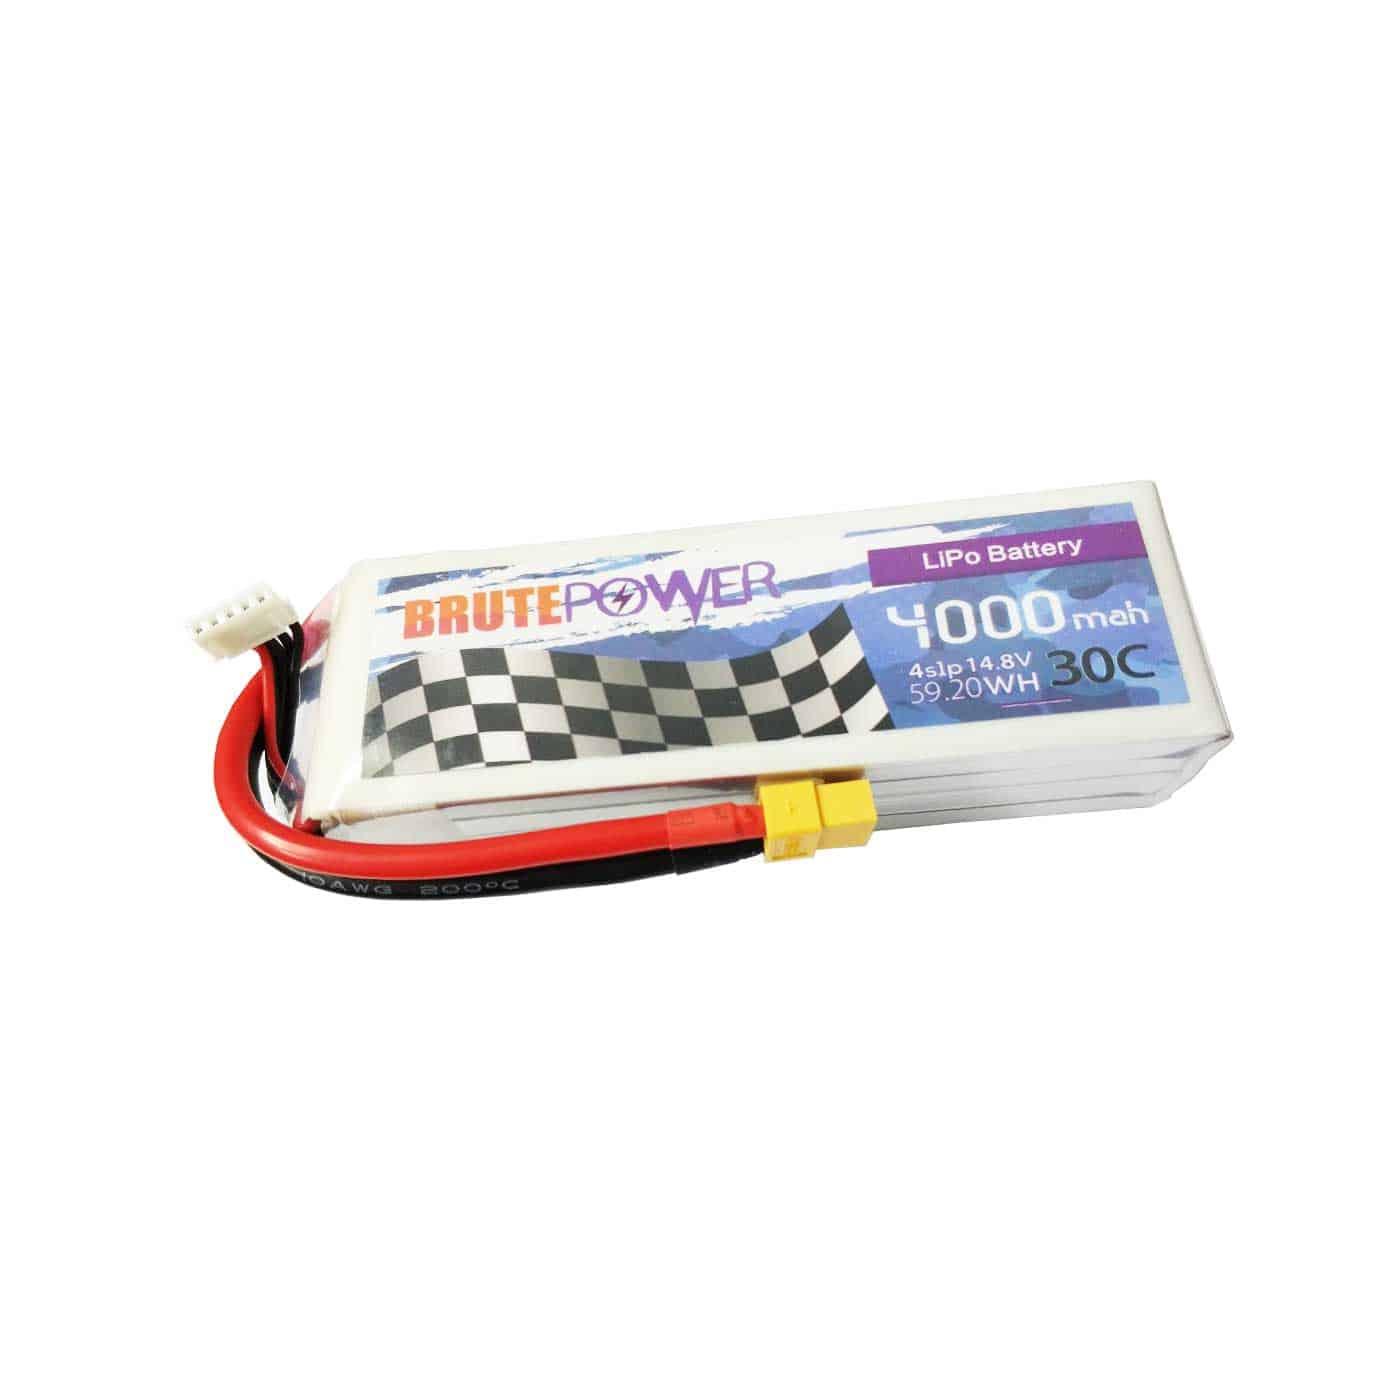 Batería Lipo 4s 4000mah 30C